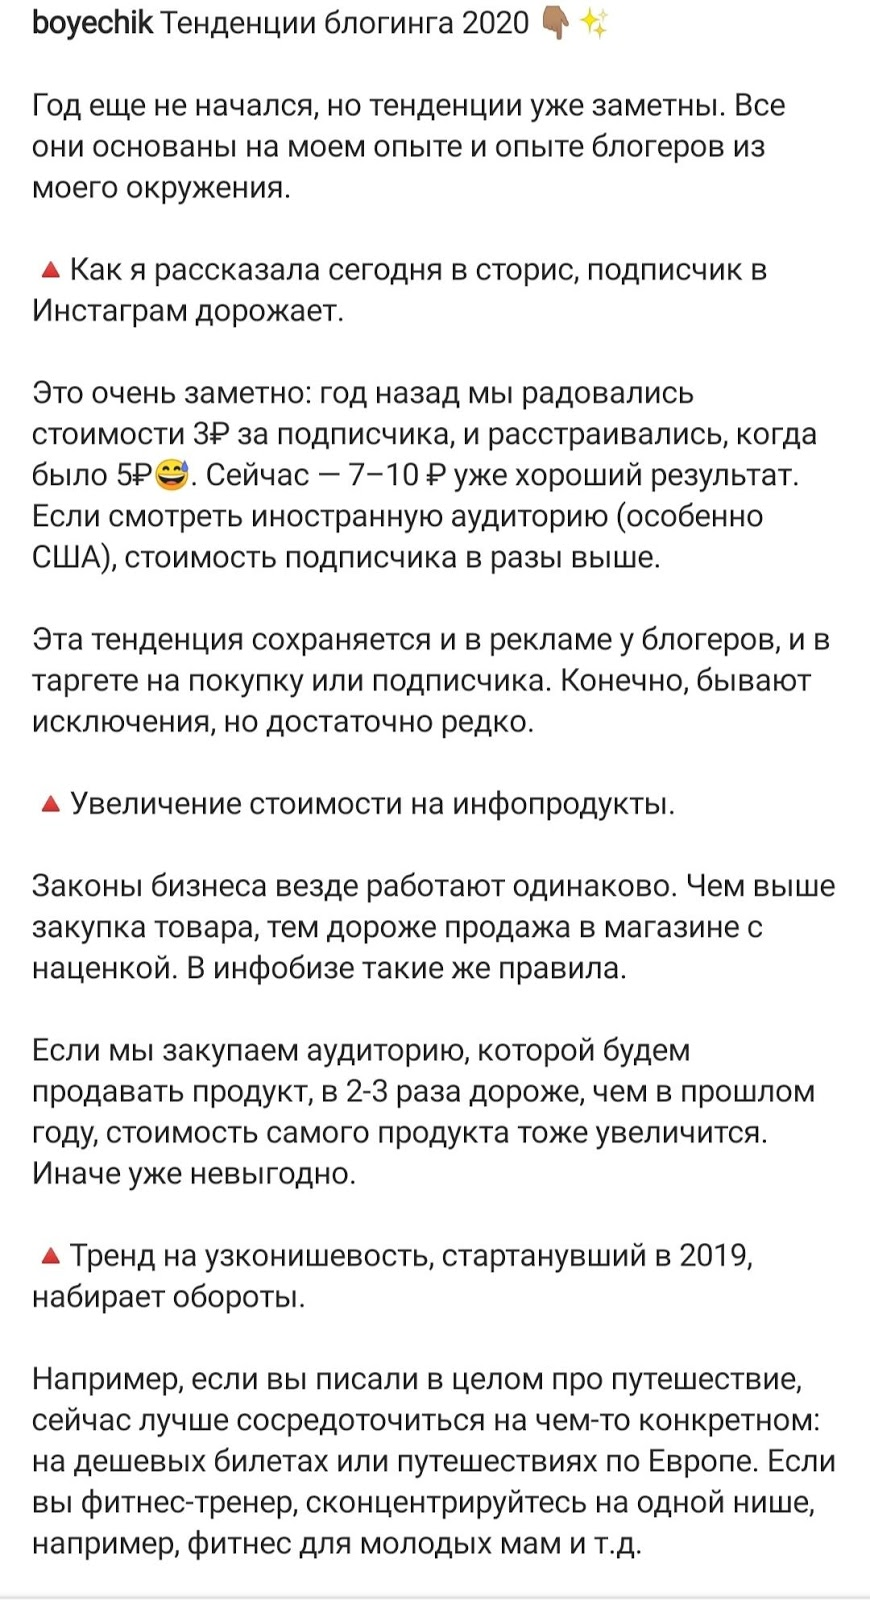 Новостной пост в Инстаграм, пример контента